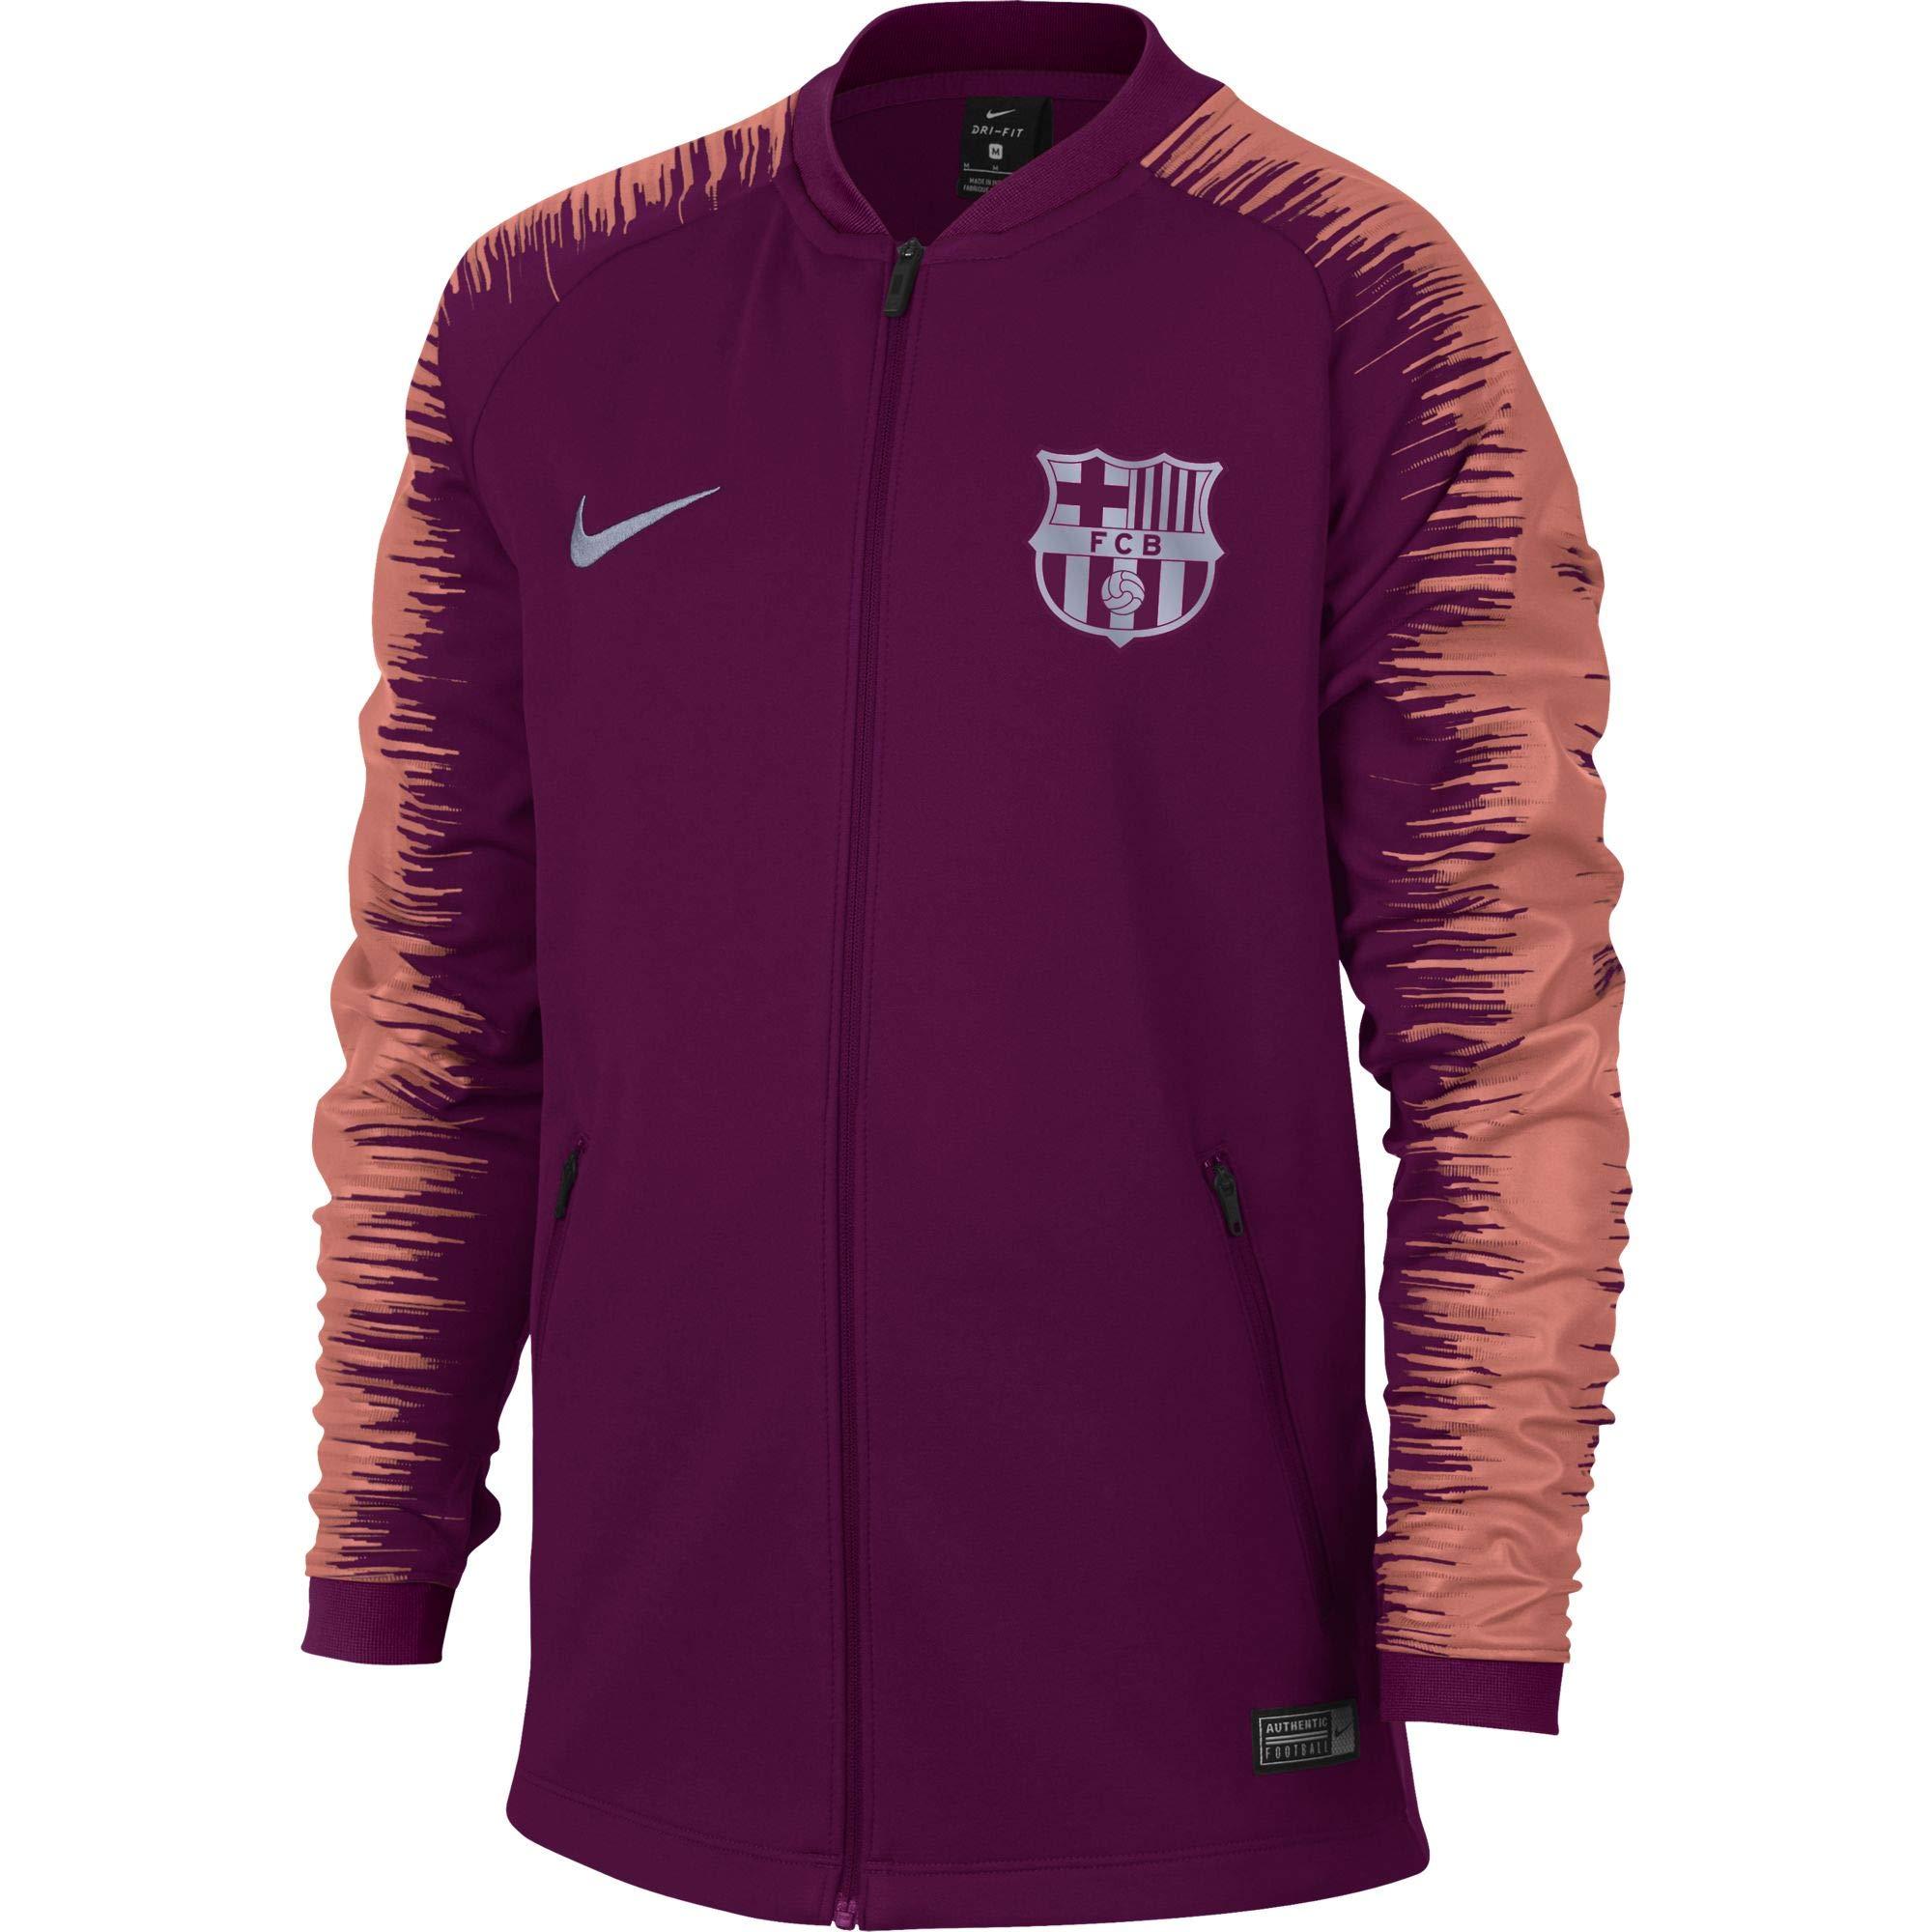 2940e6a7e Barcelona Jacket 2018 Top Deals & Lowest Price | SuperOffers.com